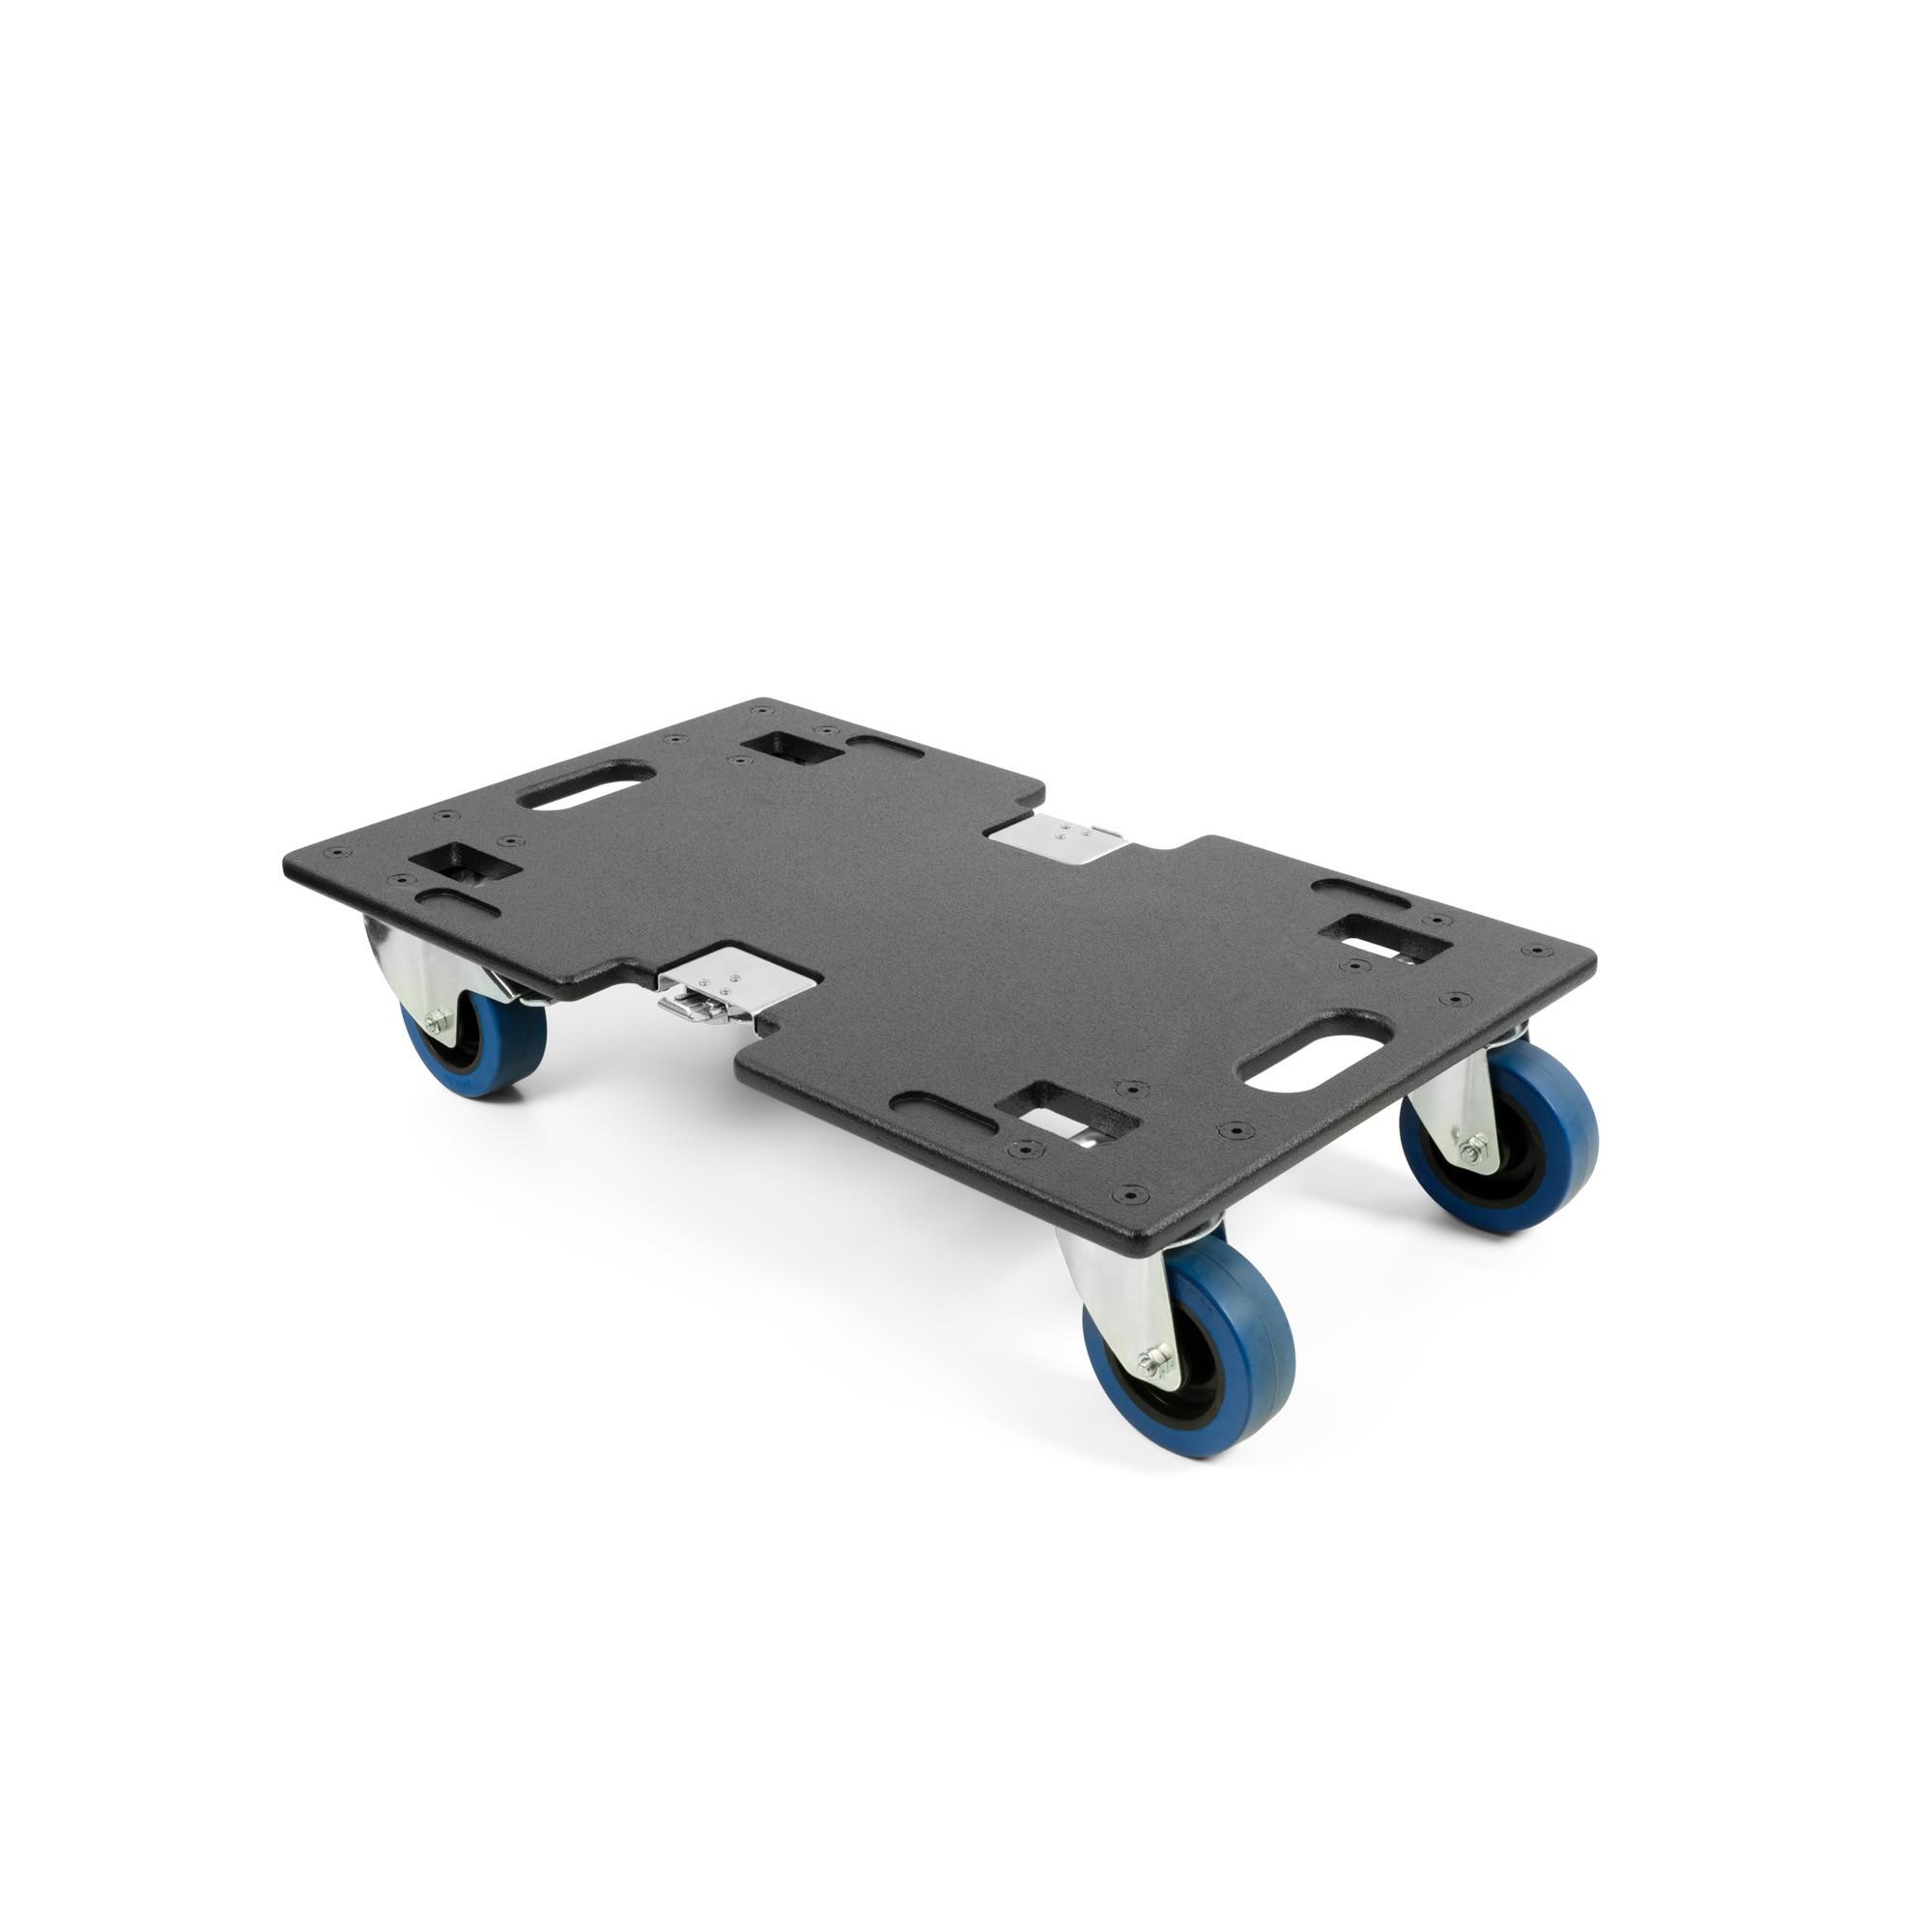 LD Systems MAUI 44 G2 CB Rollbrett für MAUI 44 G2 243835